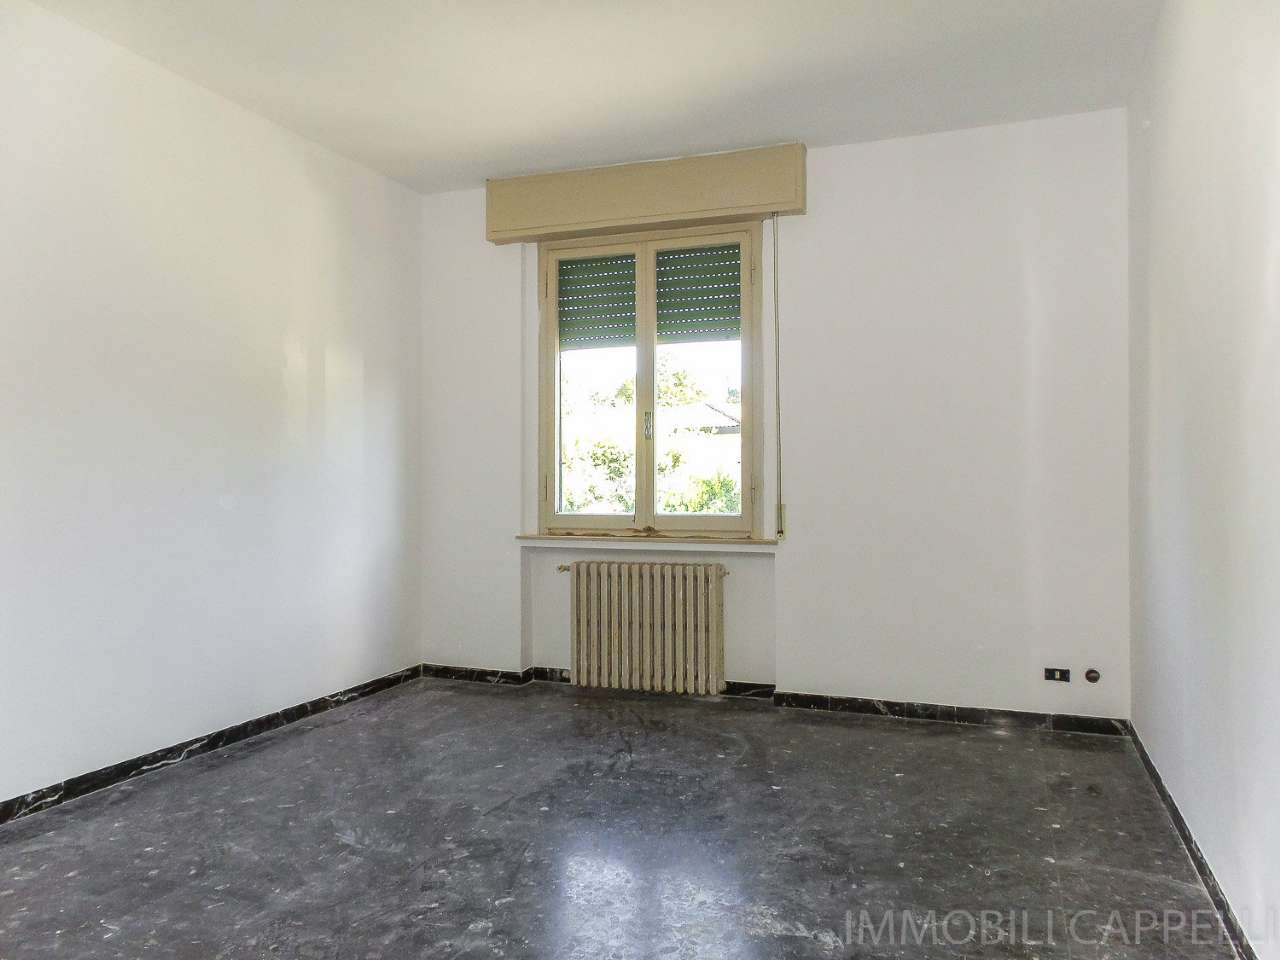 Forlimpopoli centro appartamento con garage in vendita